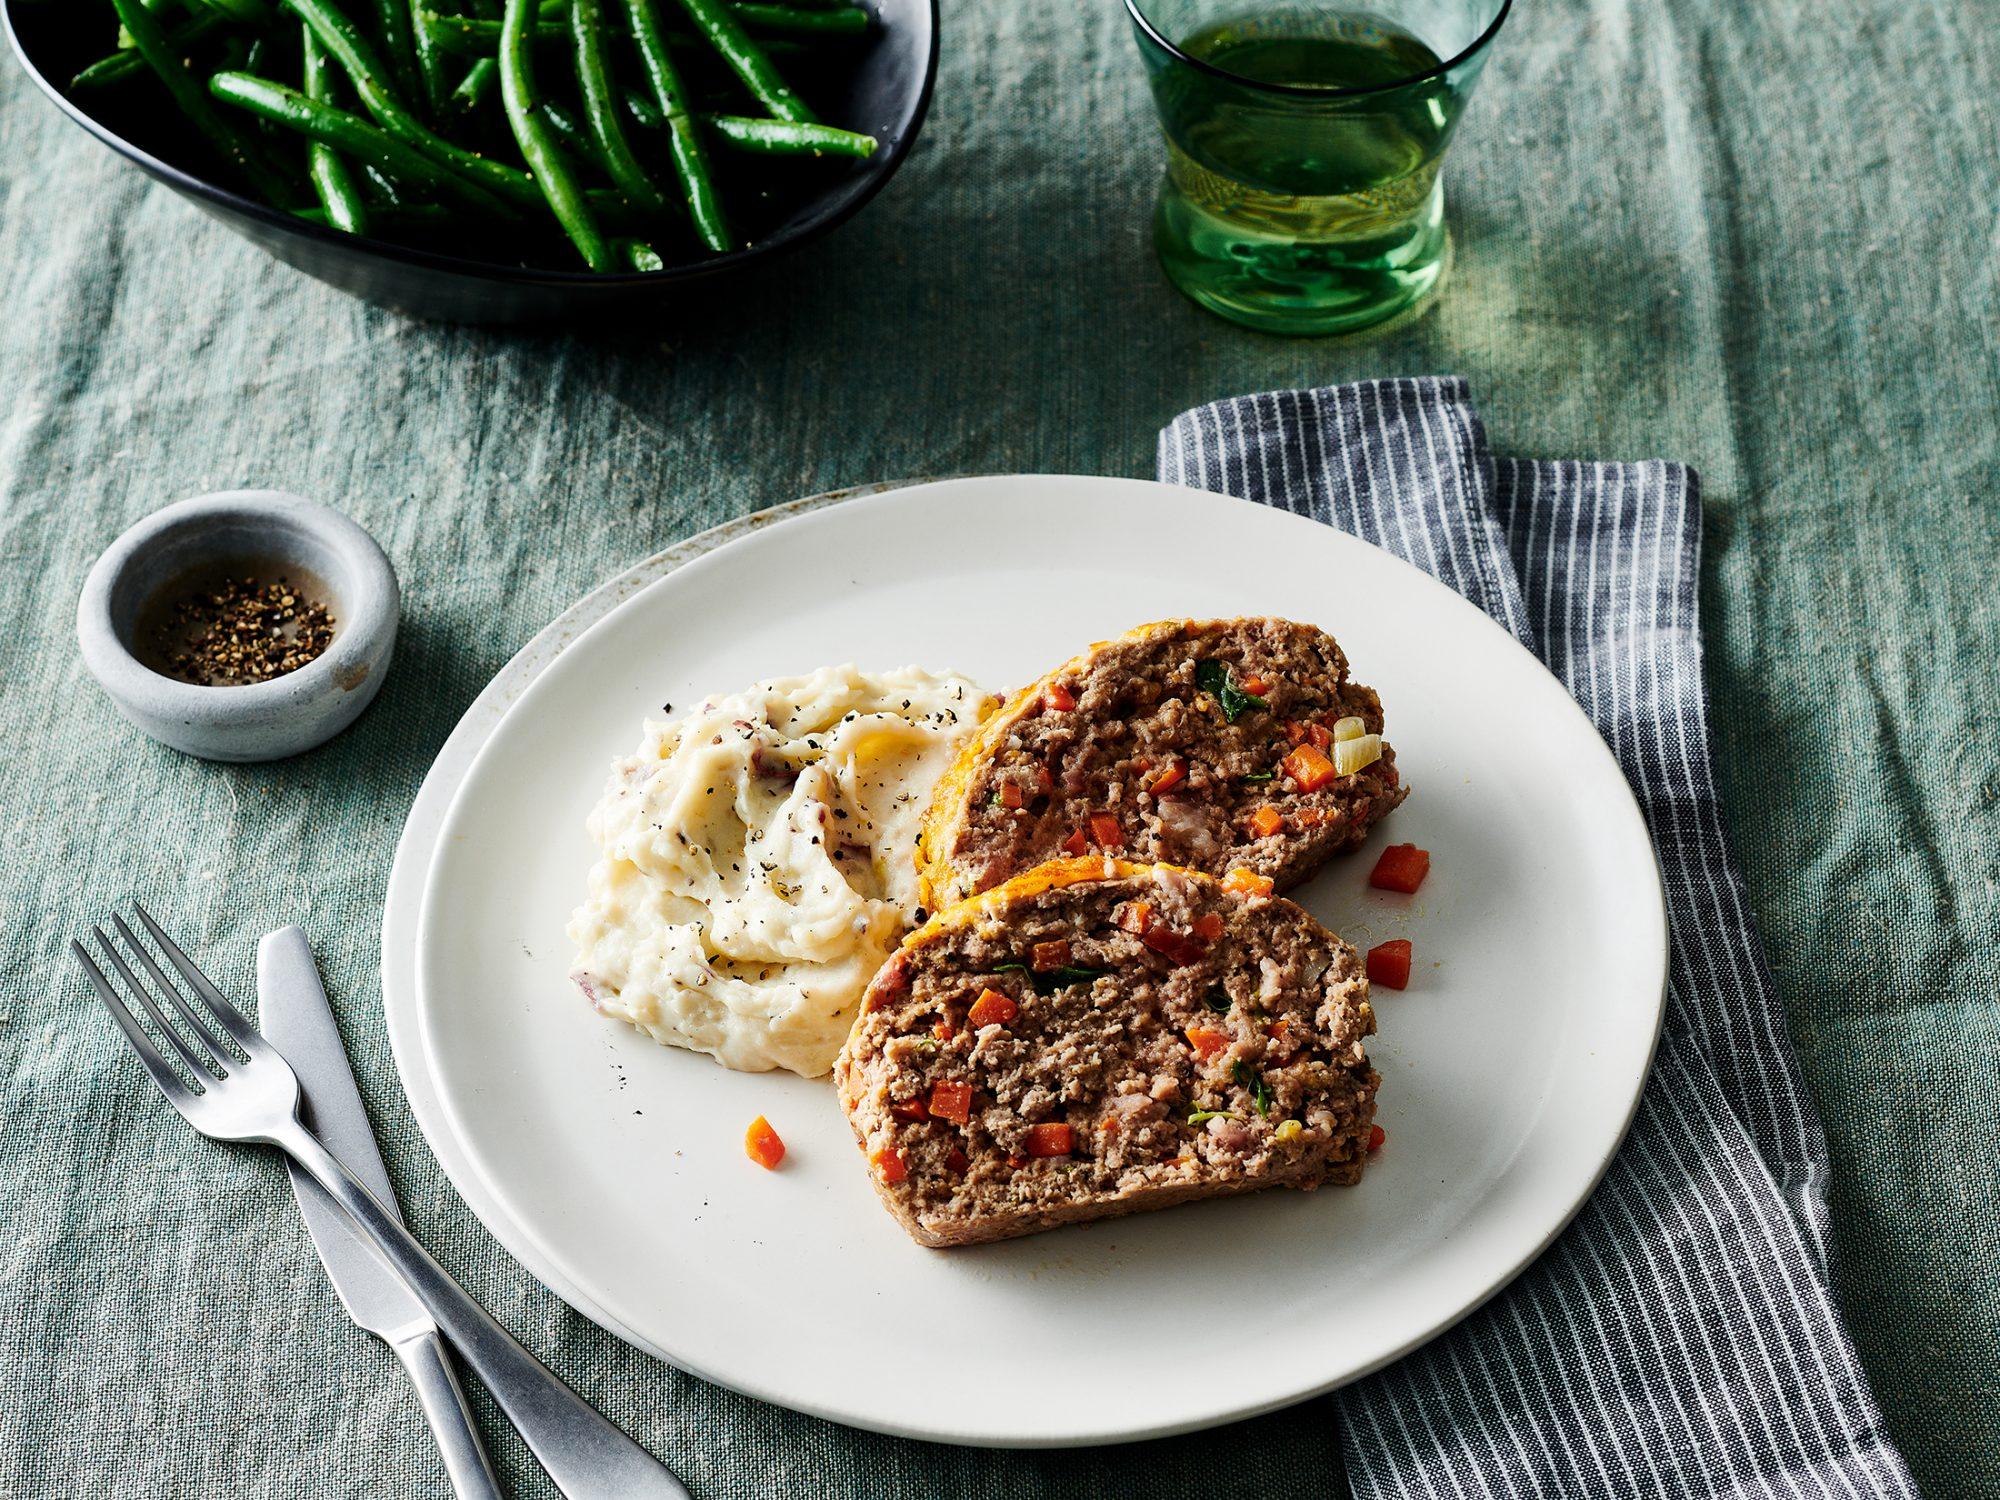 Turkey-Bacon-Cheddar Meatloaf image